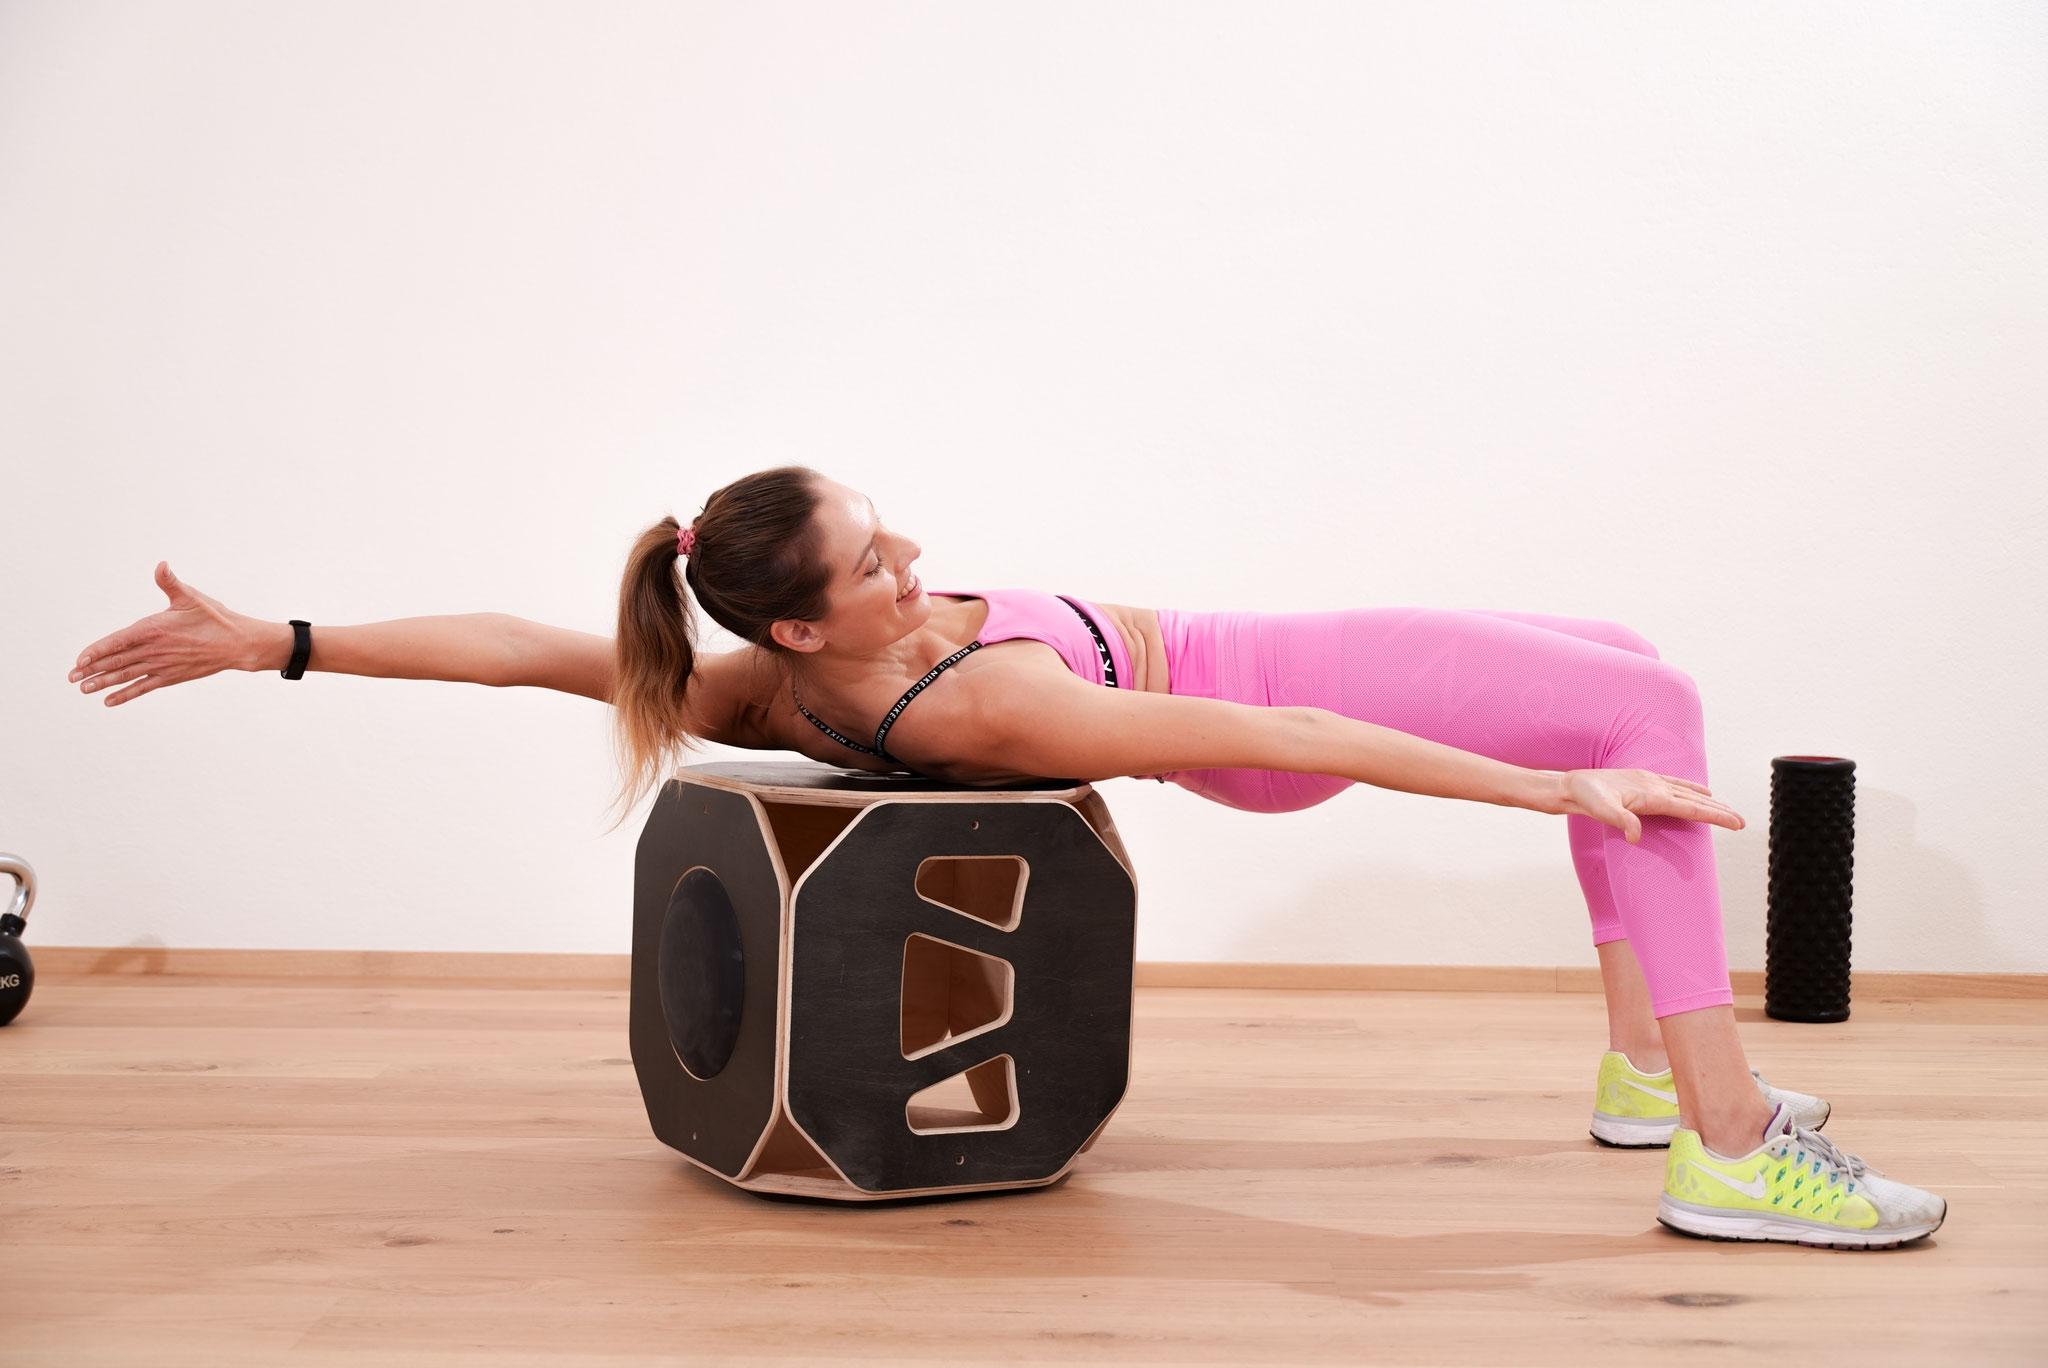 Twist Scheibe auf dem Boden für Stabilitäts Training